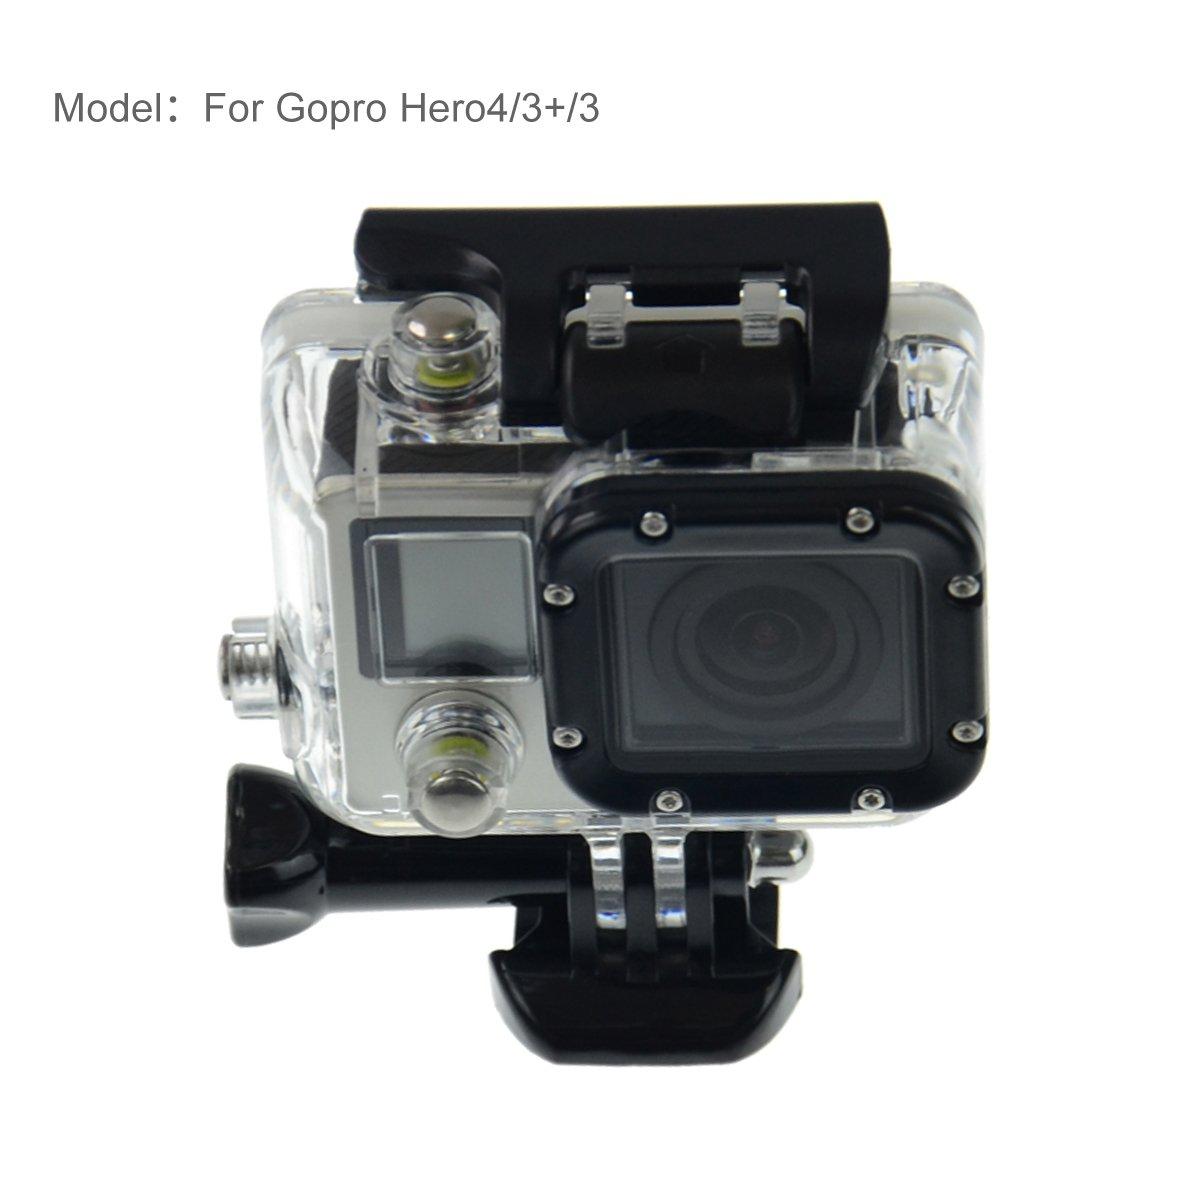 Mackertop GoPro防水ケース防水保護ハウジングケースGoPro hero4 hero3 hero3 +カメラのすべてと互換性   B01MZXGI8U